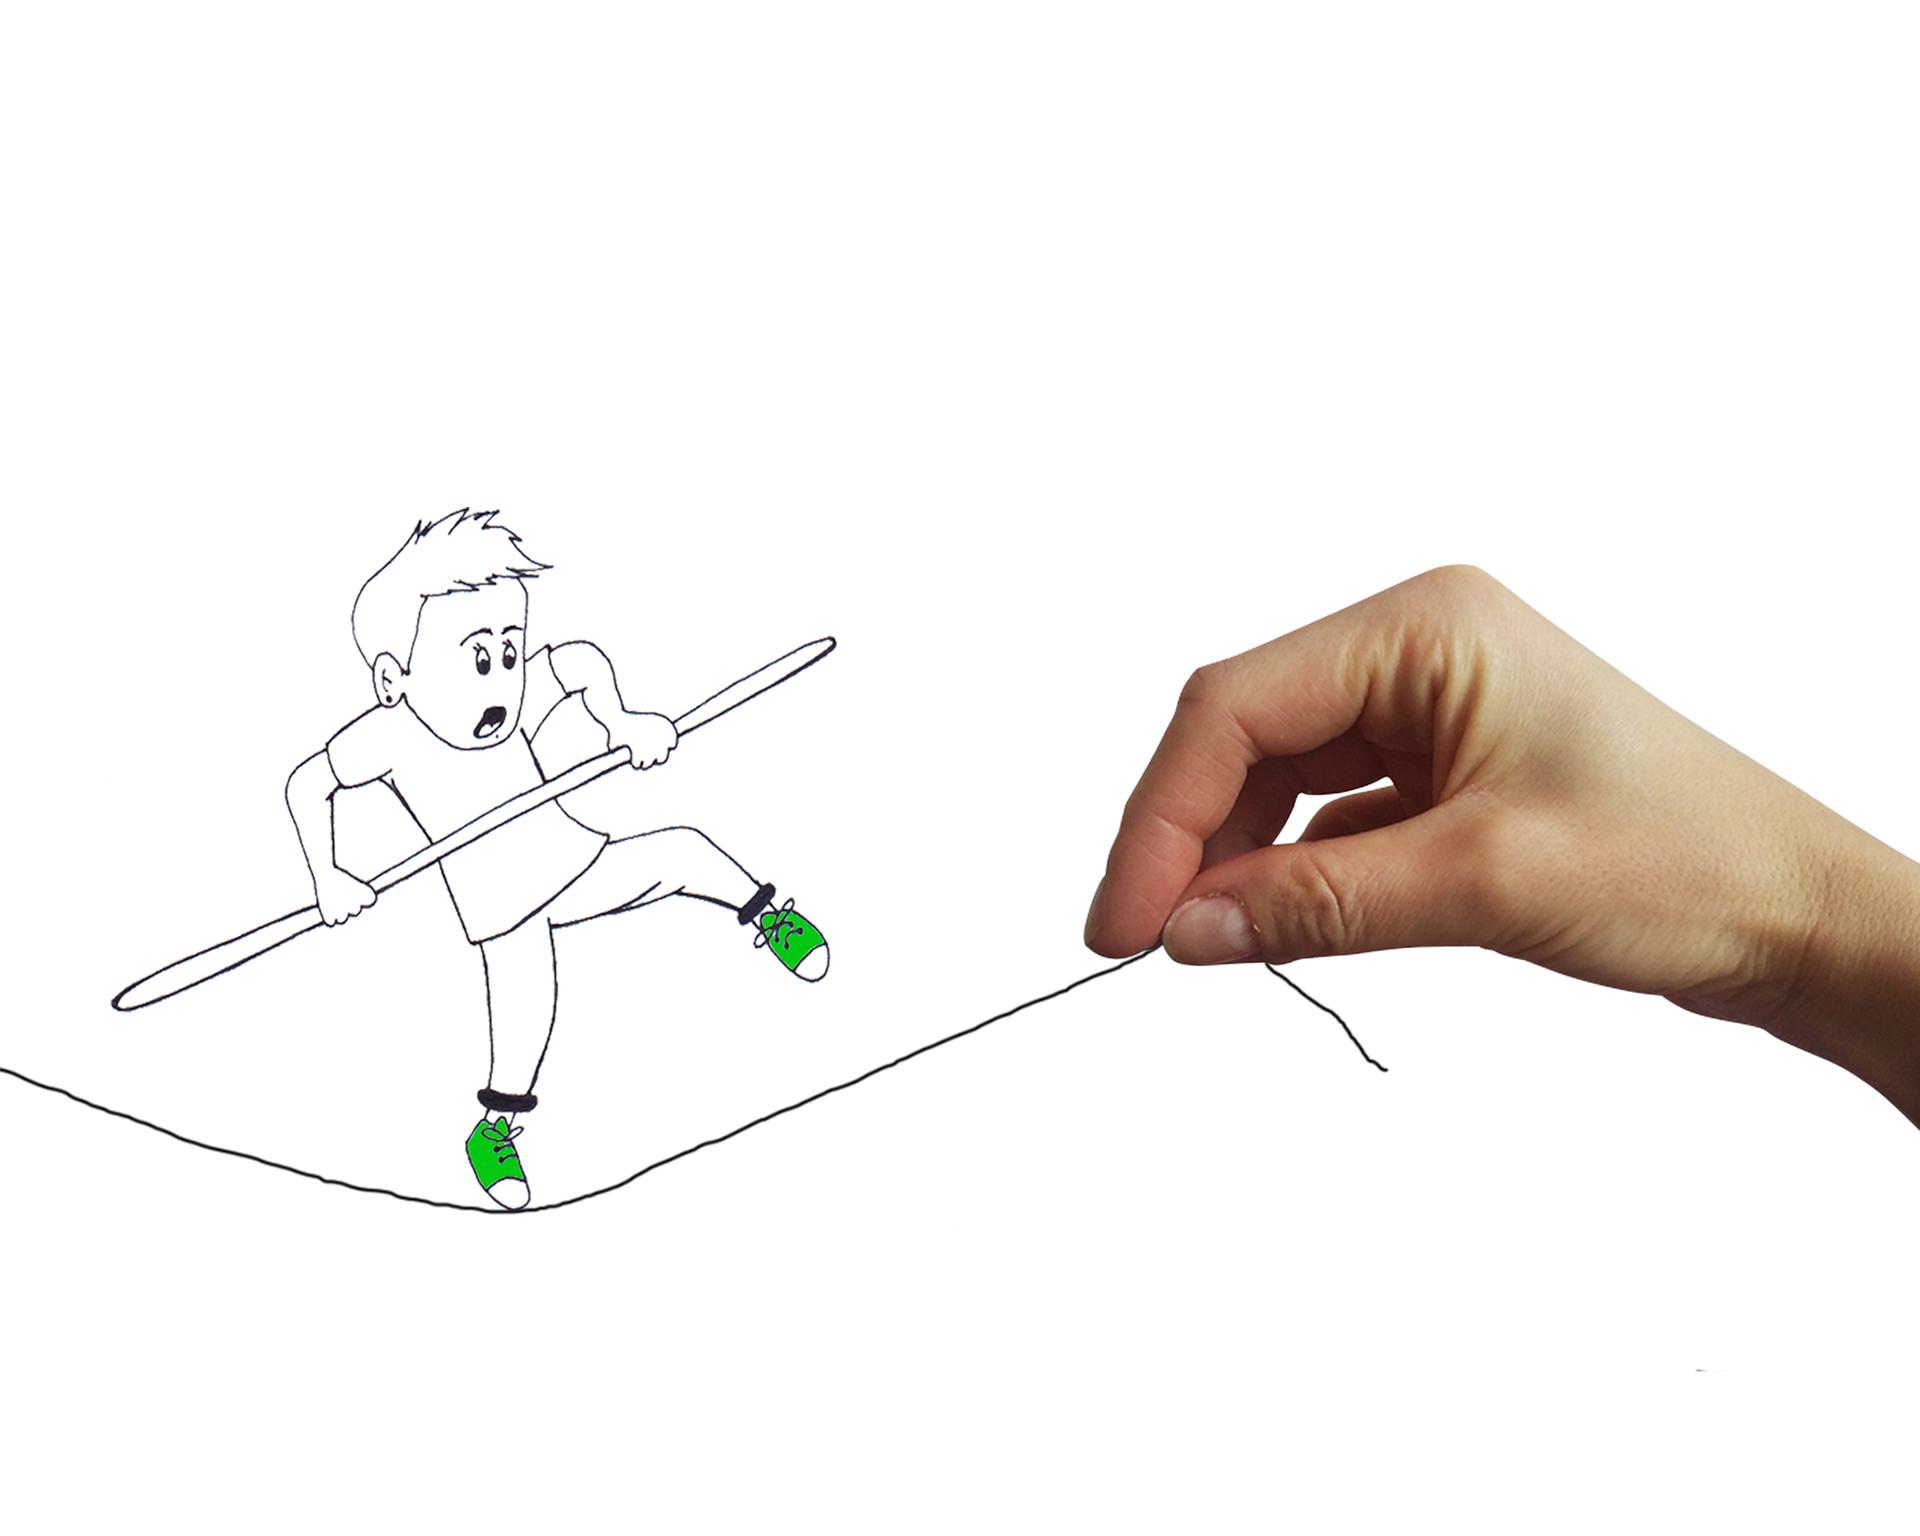 Un equilibrista disegnato